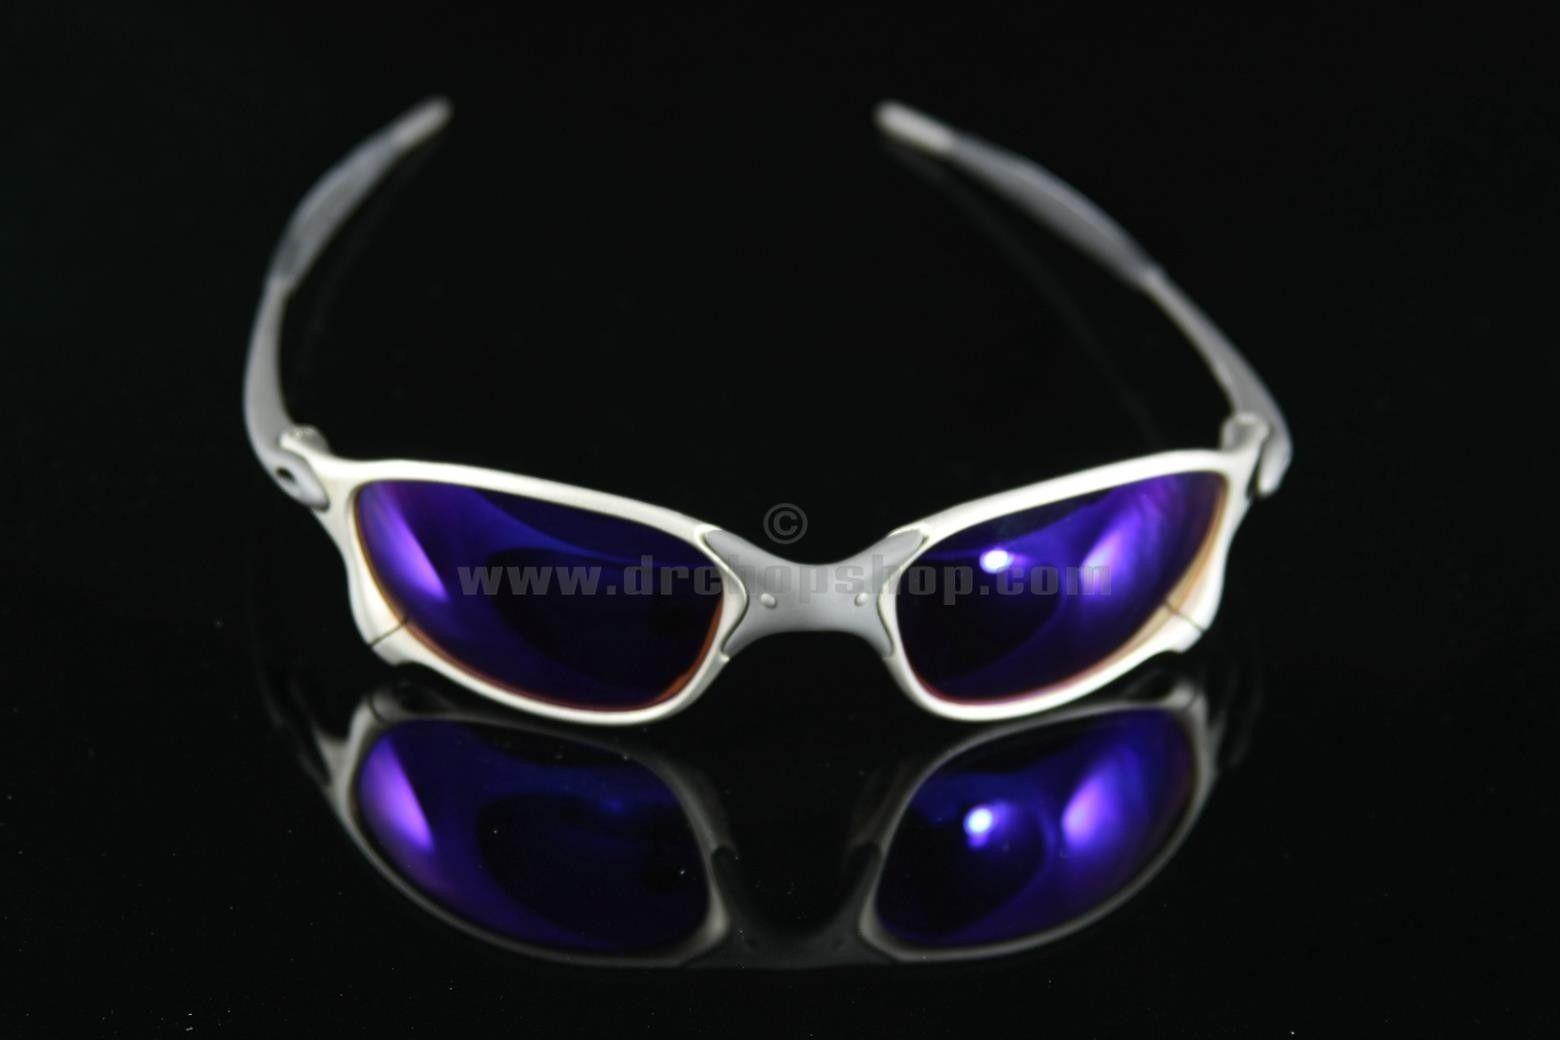 Blue Iridium Custom XX Lenses - 134288_551089701569387_229819706_o.jpg